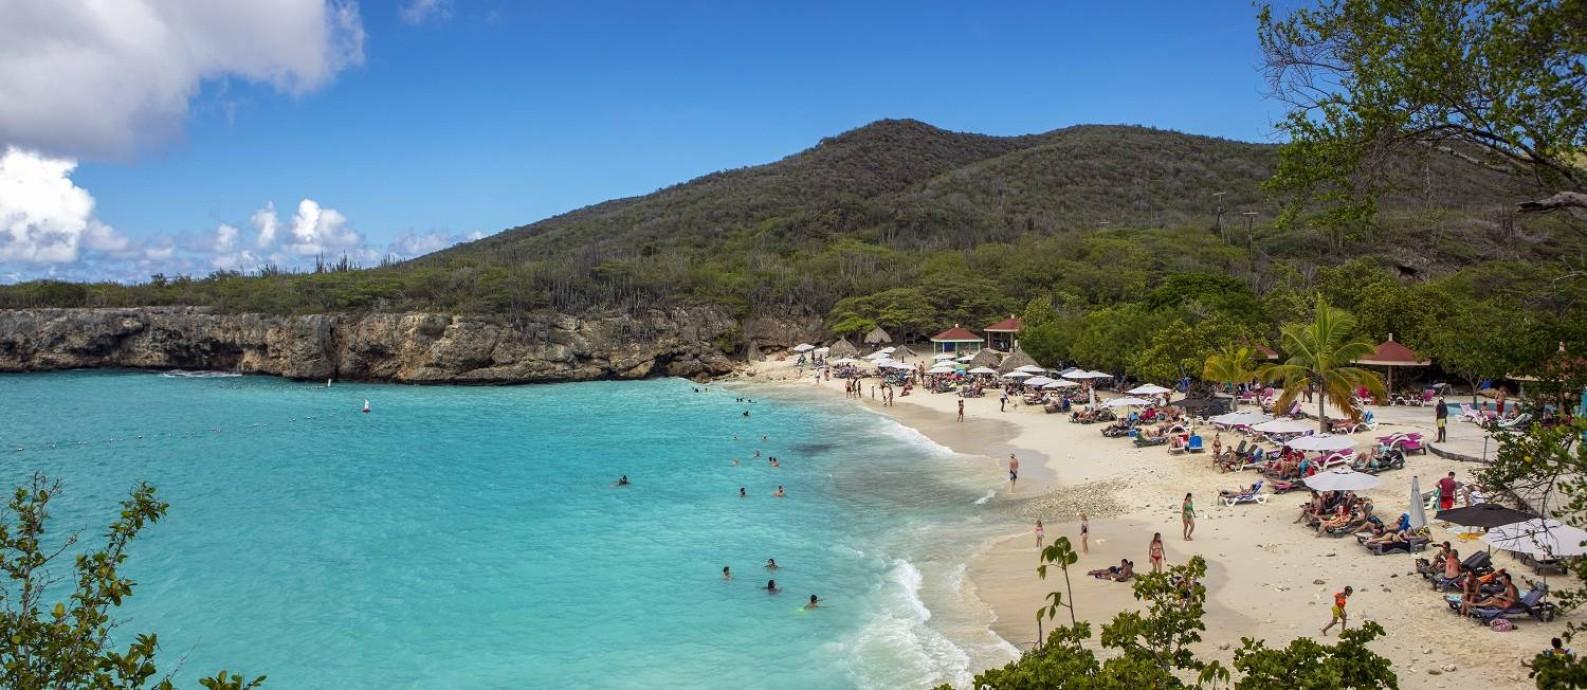 Curaçao, a ilha holandesa no Caribe, repleta de belezas naturais e culturais Foto: Scott Baker / NYT